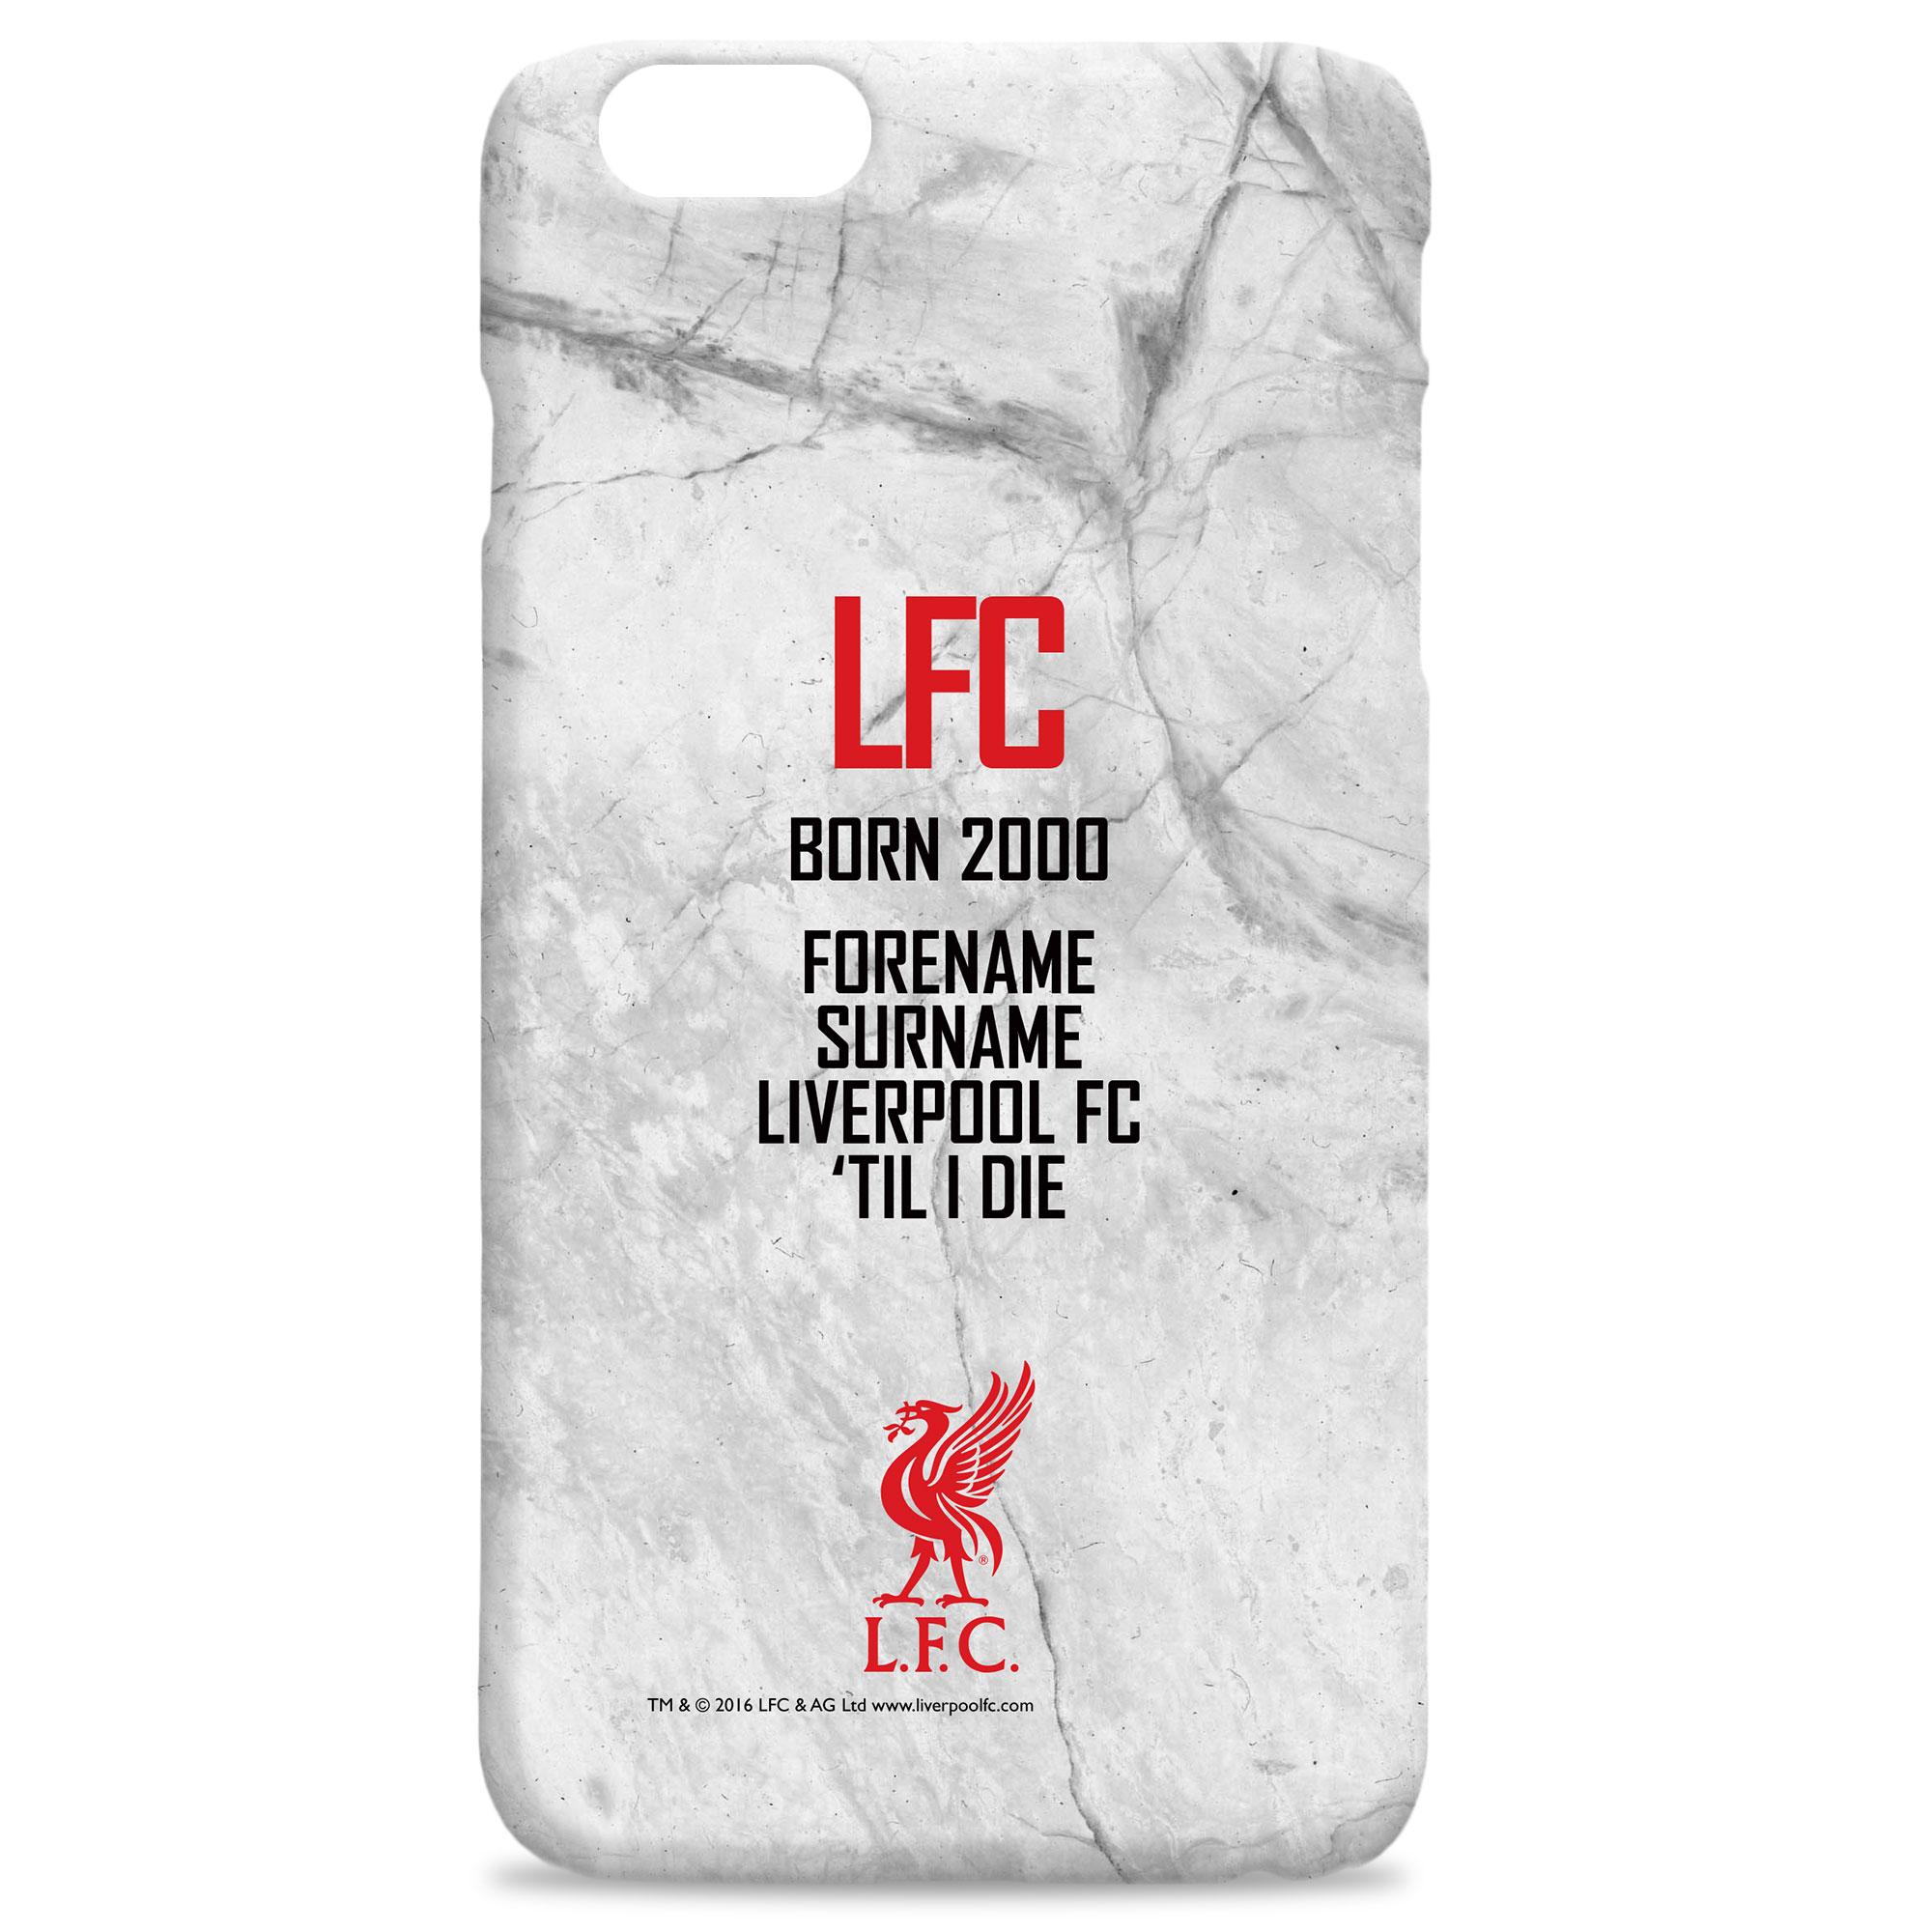 Liverpool FC 'Til I Die Hard Back Phone Case